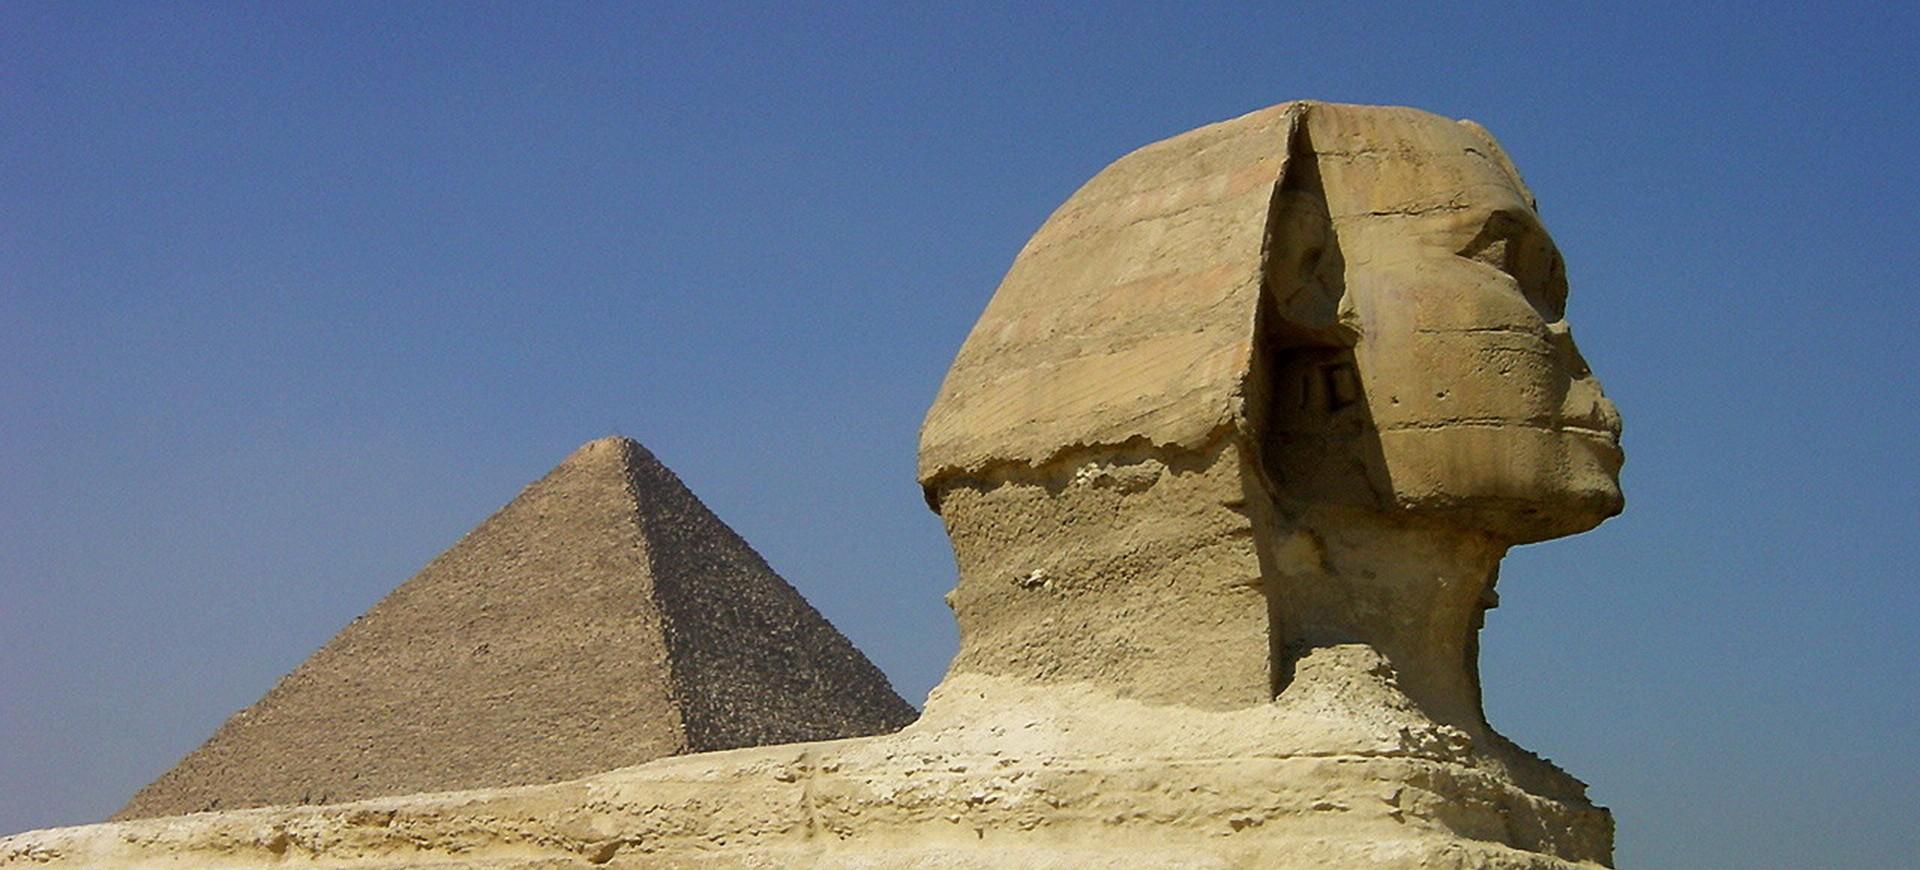 Pyramide et Sphyinx à Guizeh au Caire